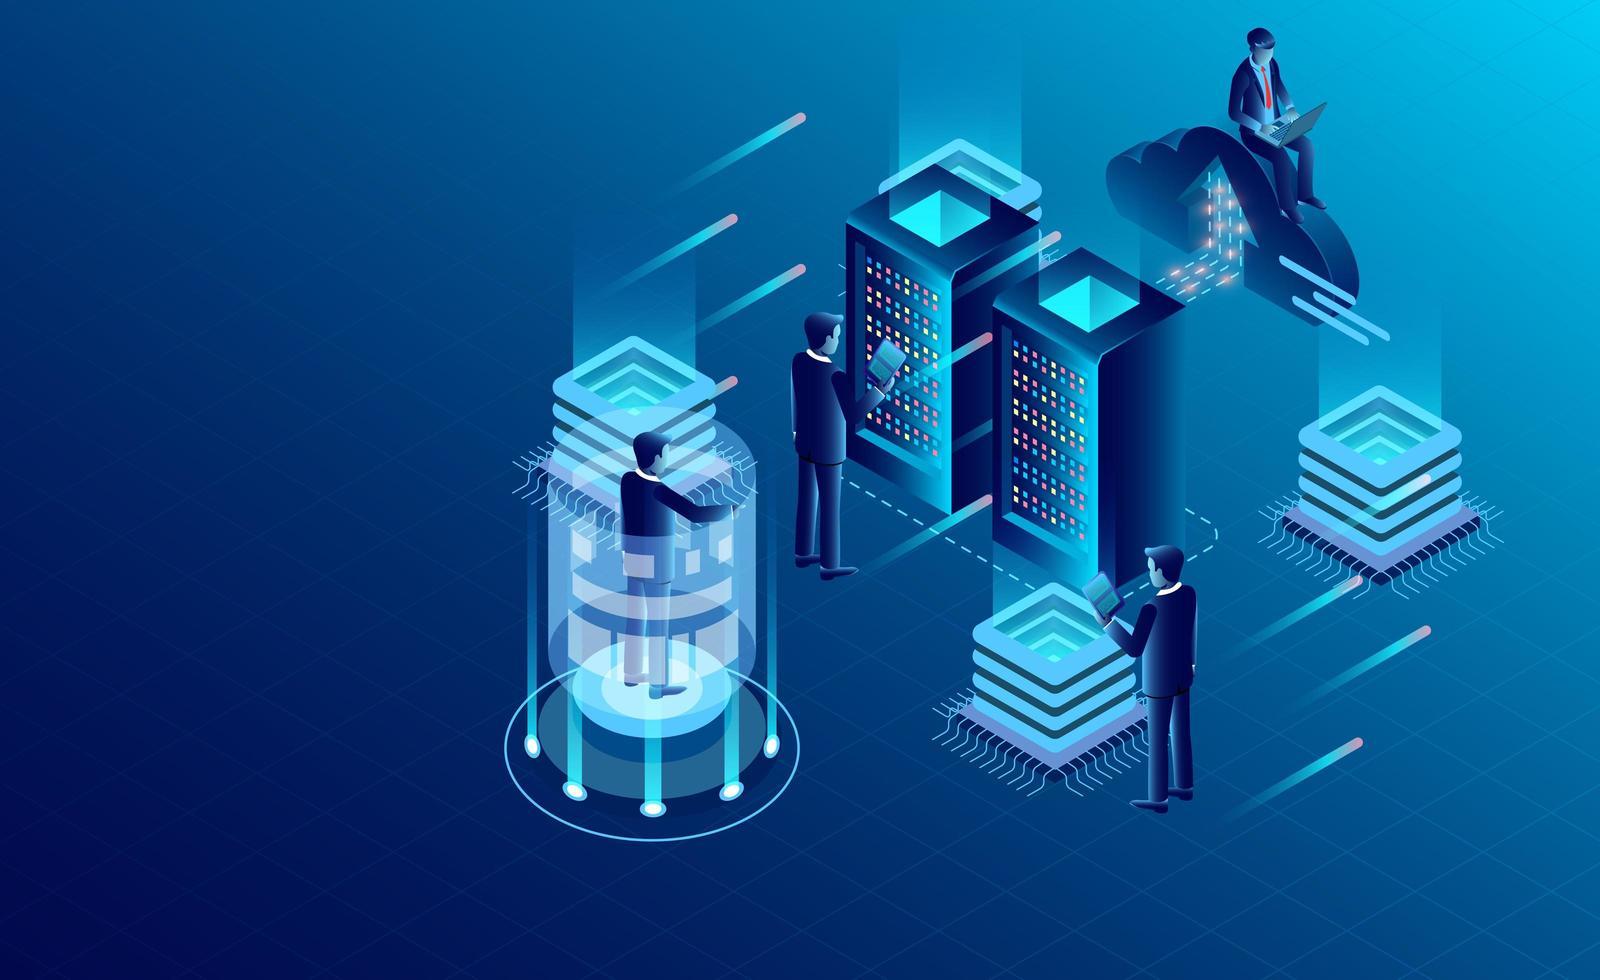 Datacenter server room concepto de tecnología de almacenamiento en la nube vector